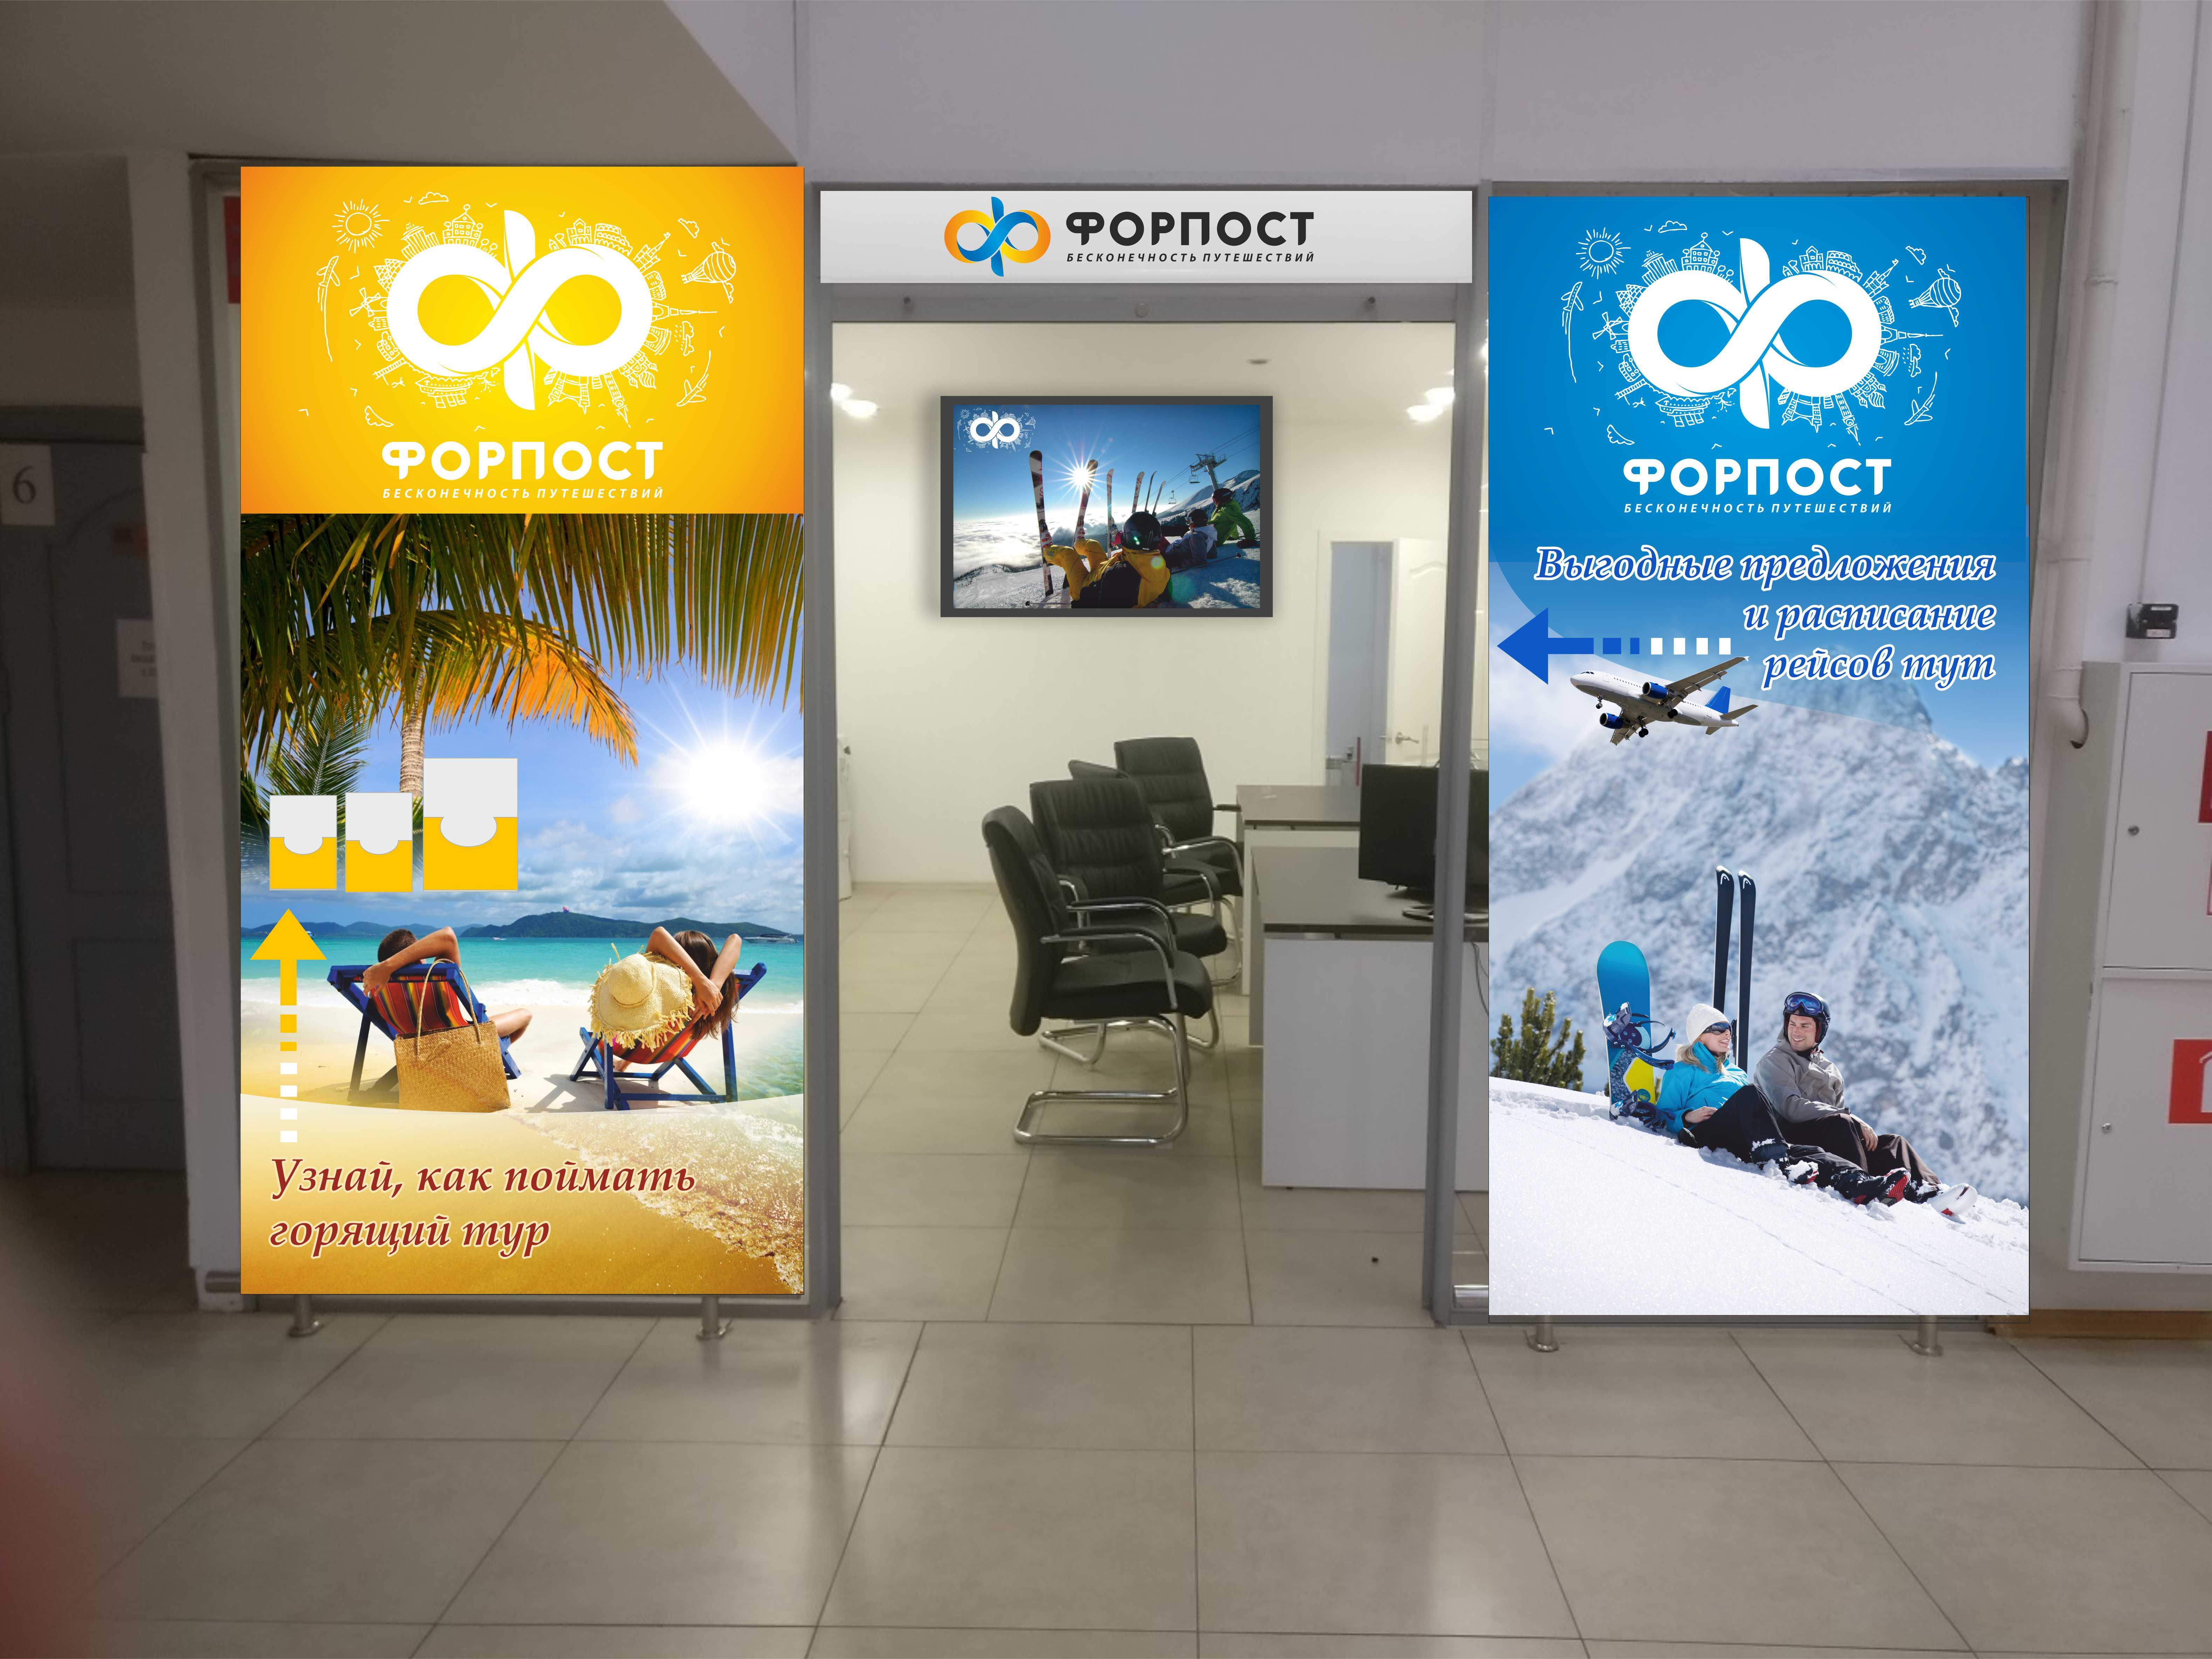 Дизайн двух плакатов фото f_1295a0c496877256.jpg